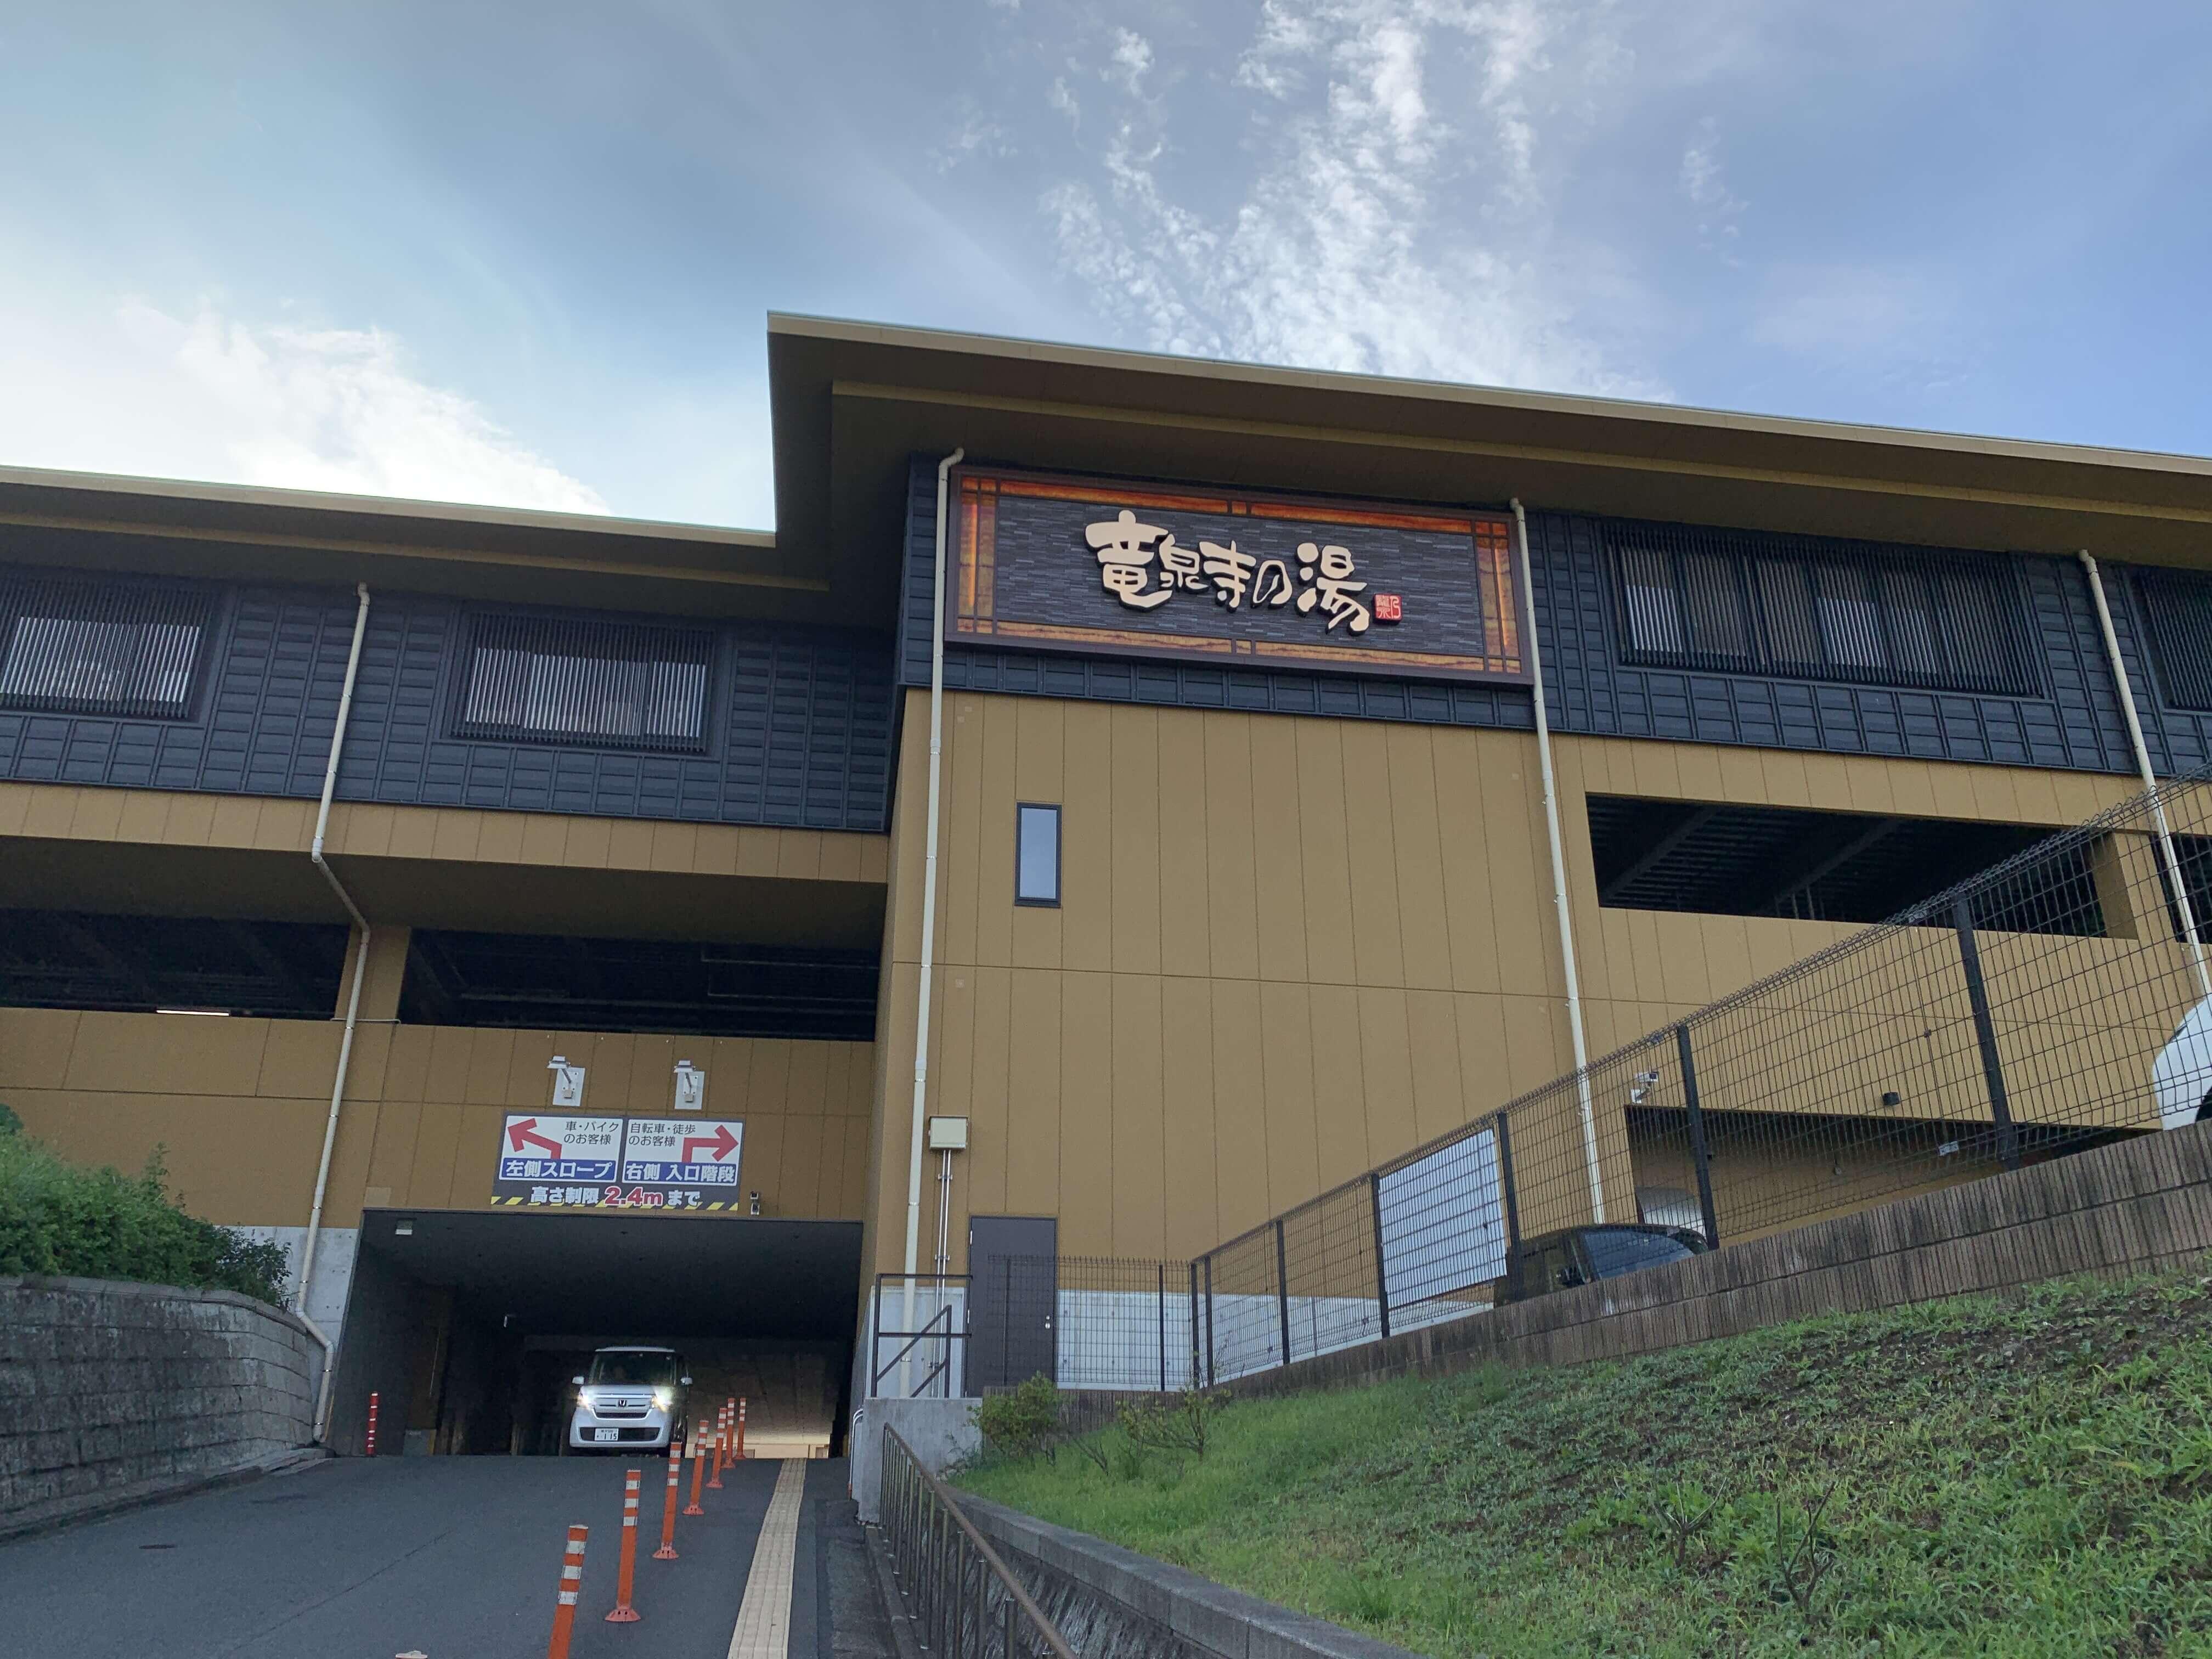 横濱スパヒルズ竜泉寺の湯鶴ヶ峰店